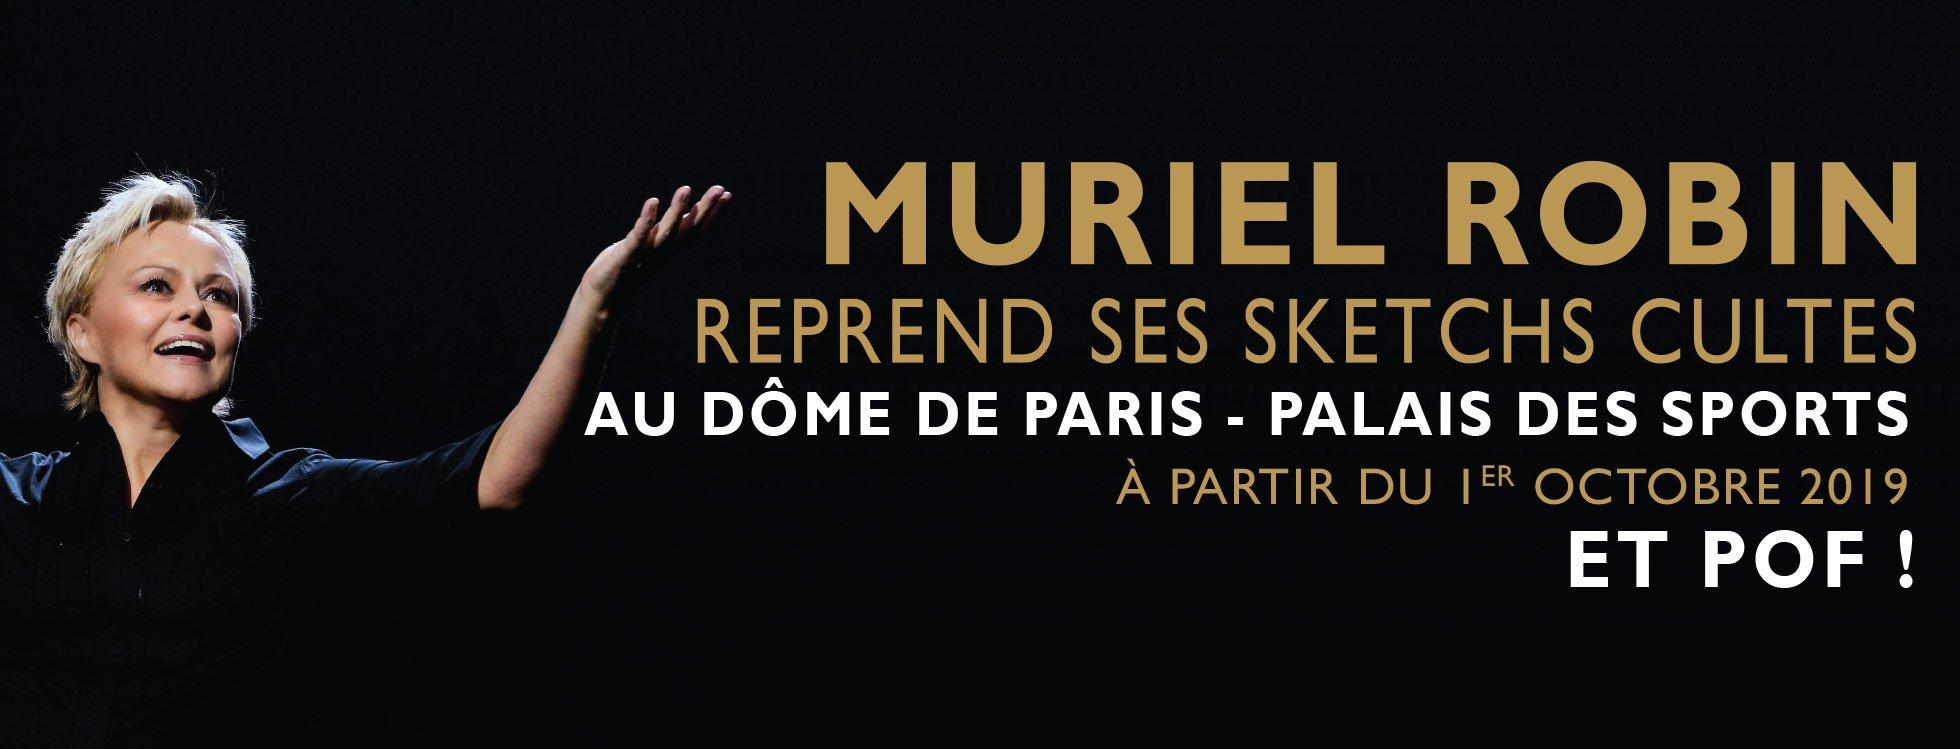 dome de paris : MURIEL ROBIN